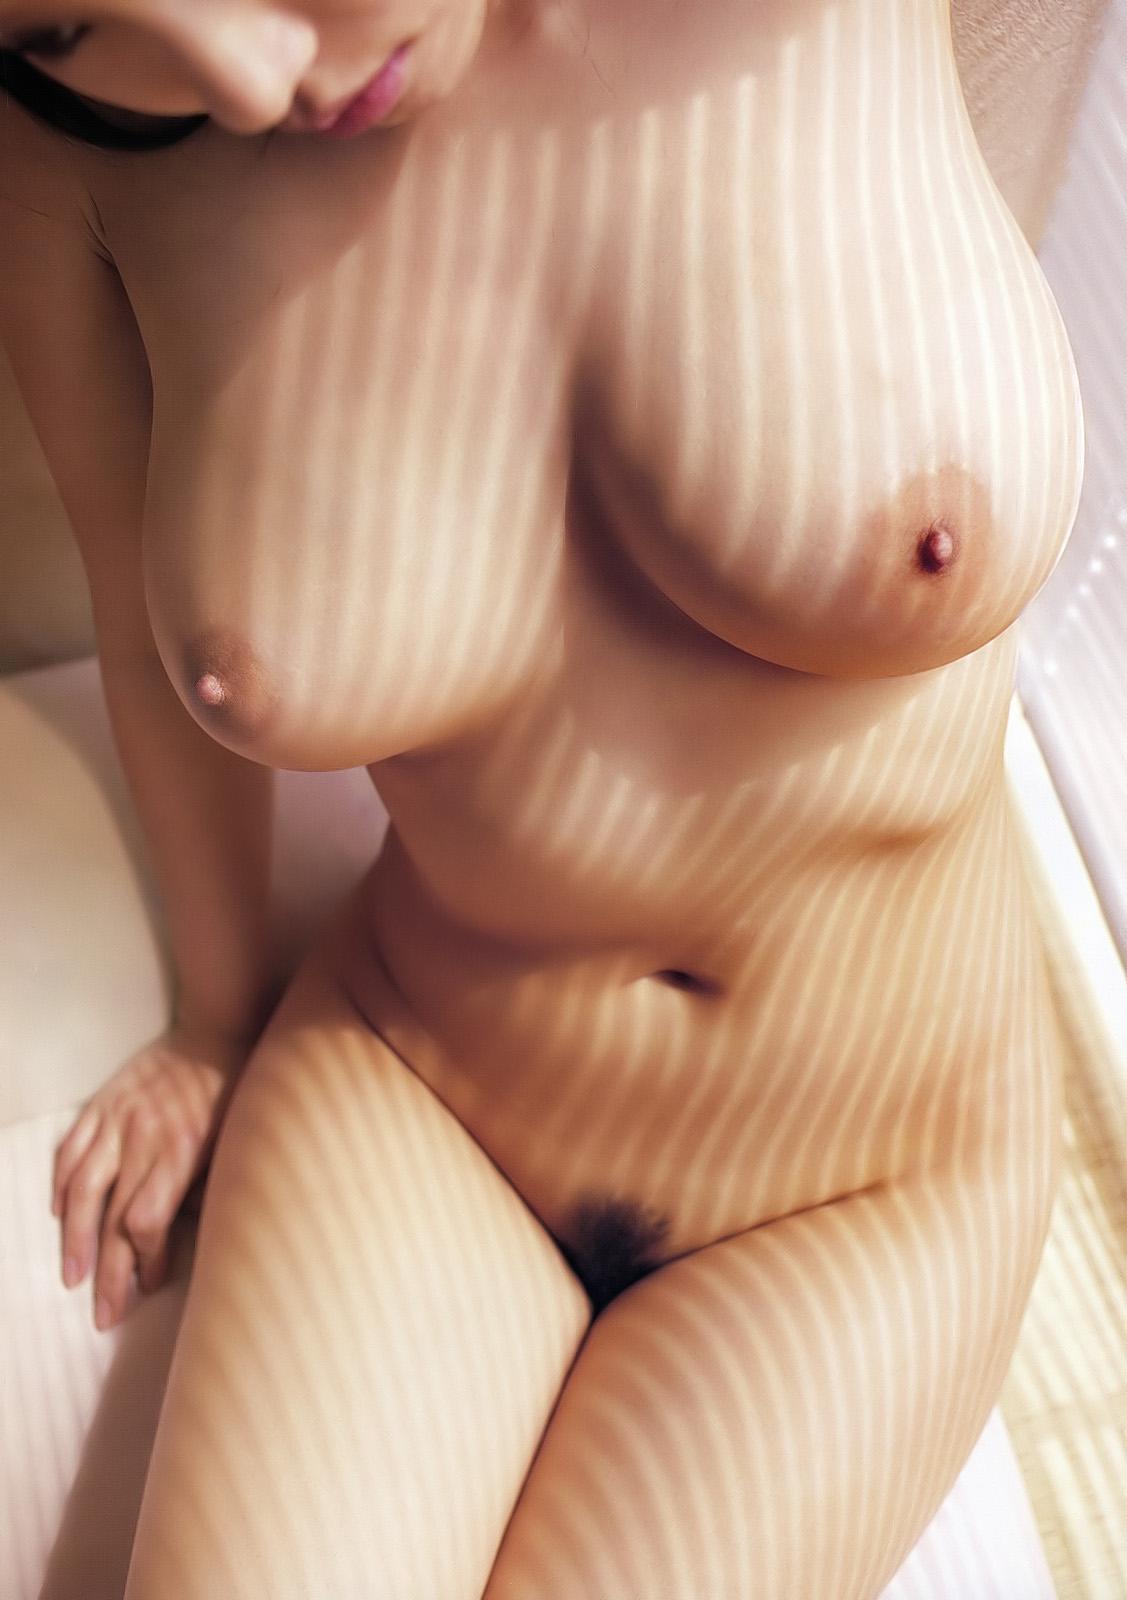 正面全裸写真 6枚目->画像>537枚